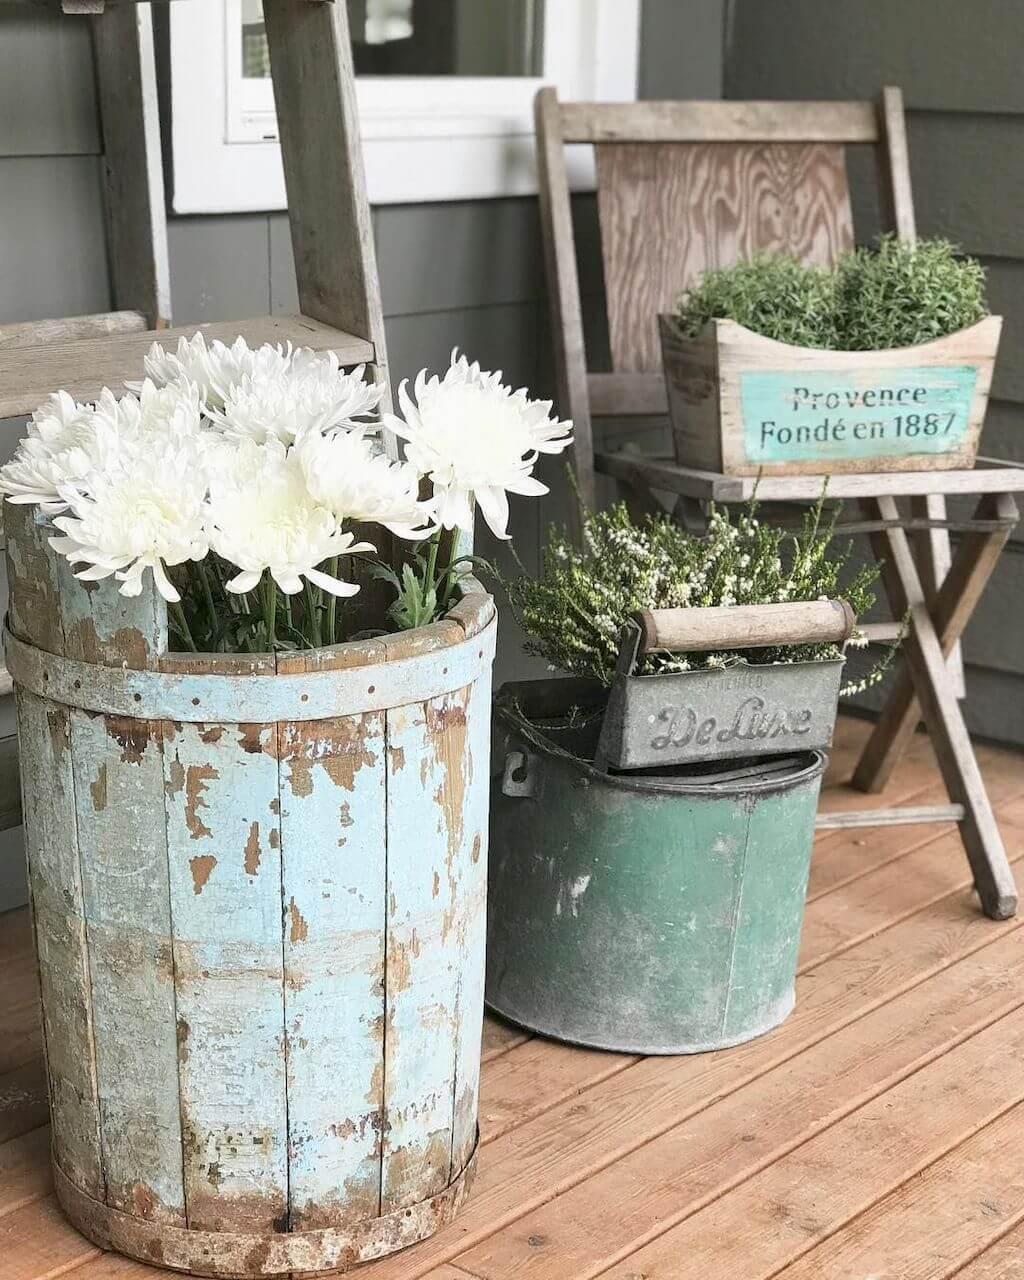 17 Best Farmhouse Outdoor Decor Ideas and Designs for 2020 on Farmhouse Yard Ideas id=66684